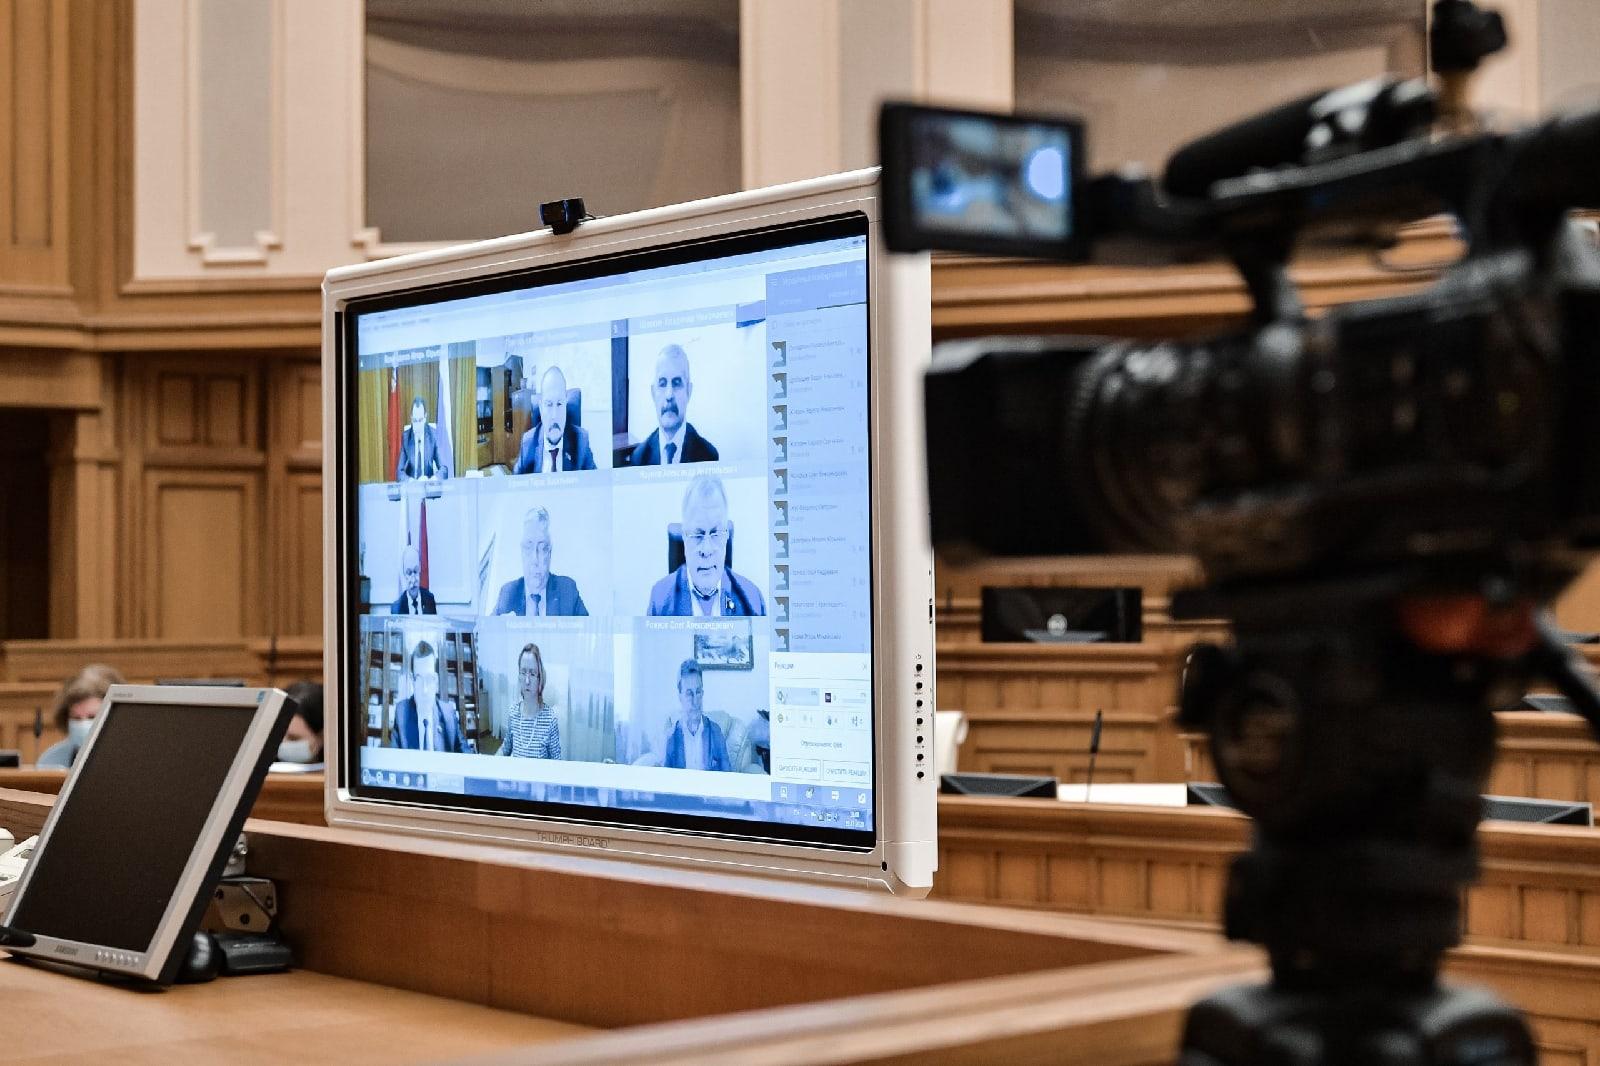 Задать вопросы областному Фонду социального страхования РФ можно будет на 132-ом заседании Мособлдумы.